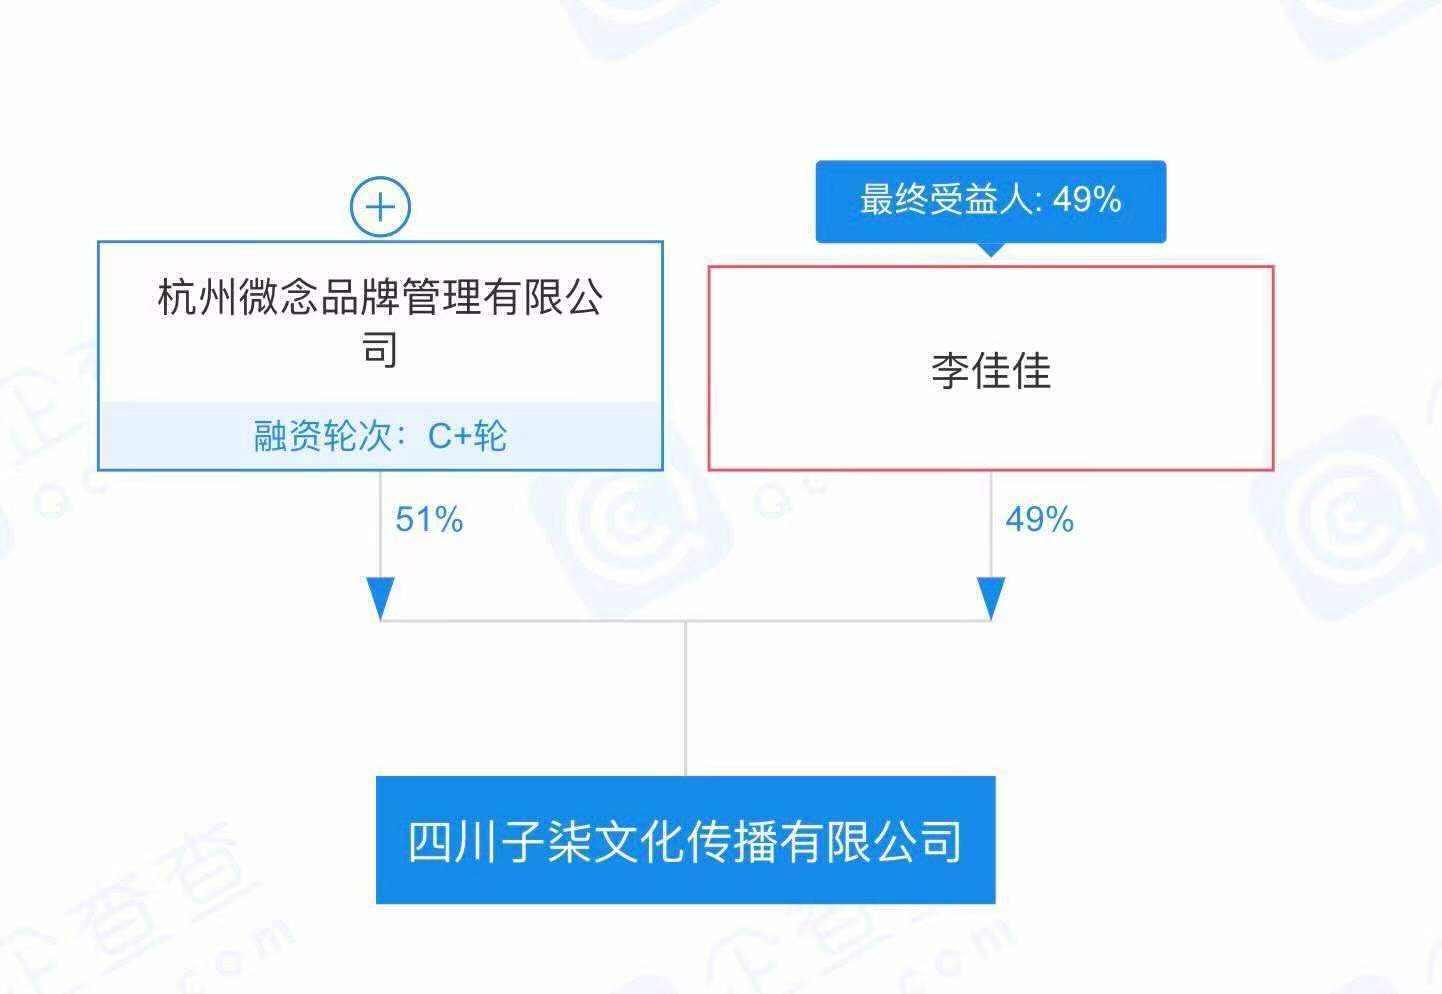 李子柒迷局:视频停更66天 千万网红斗不过资本? 无忧杂谈 第6张